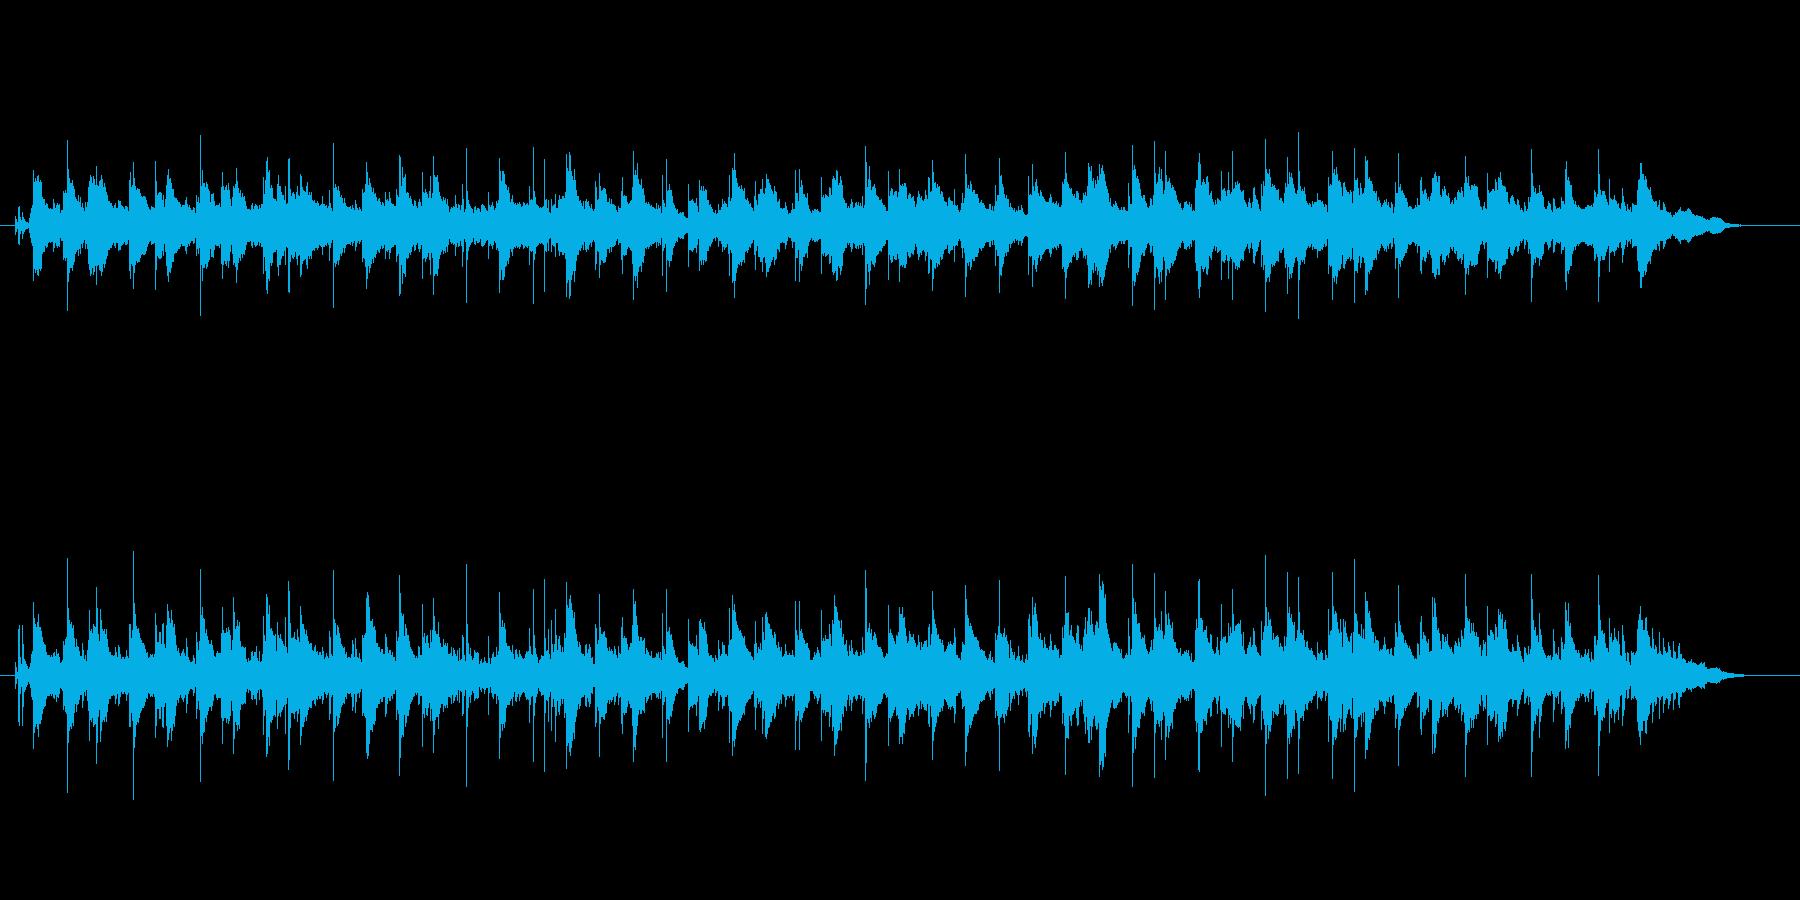 メランコリックなバラードの再生済みの波形